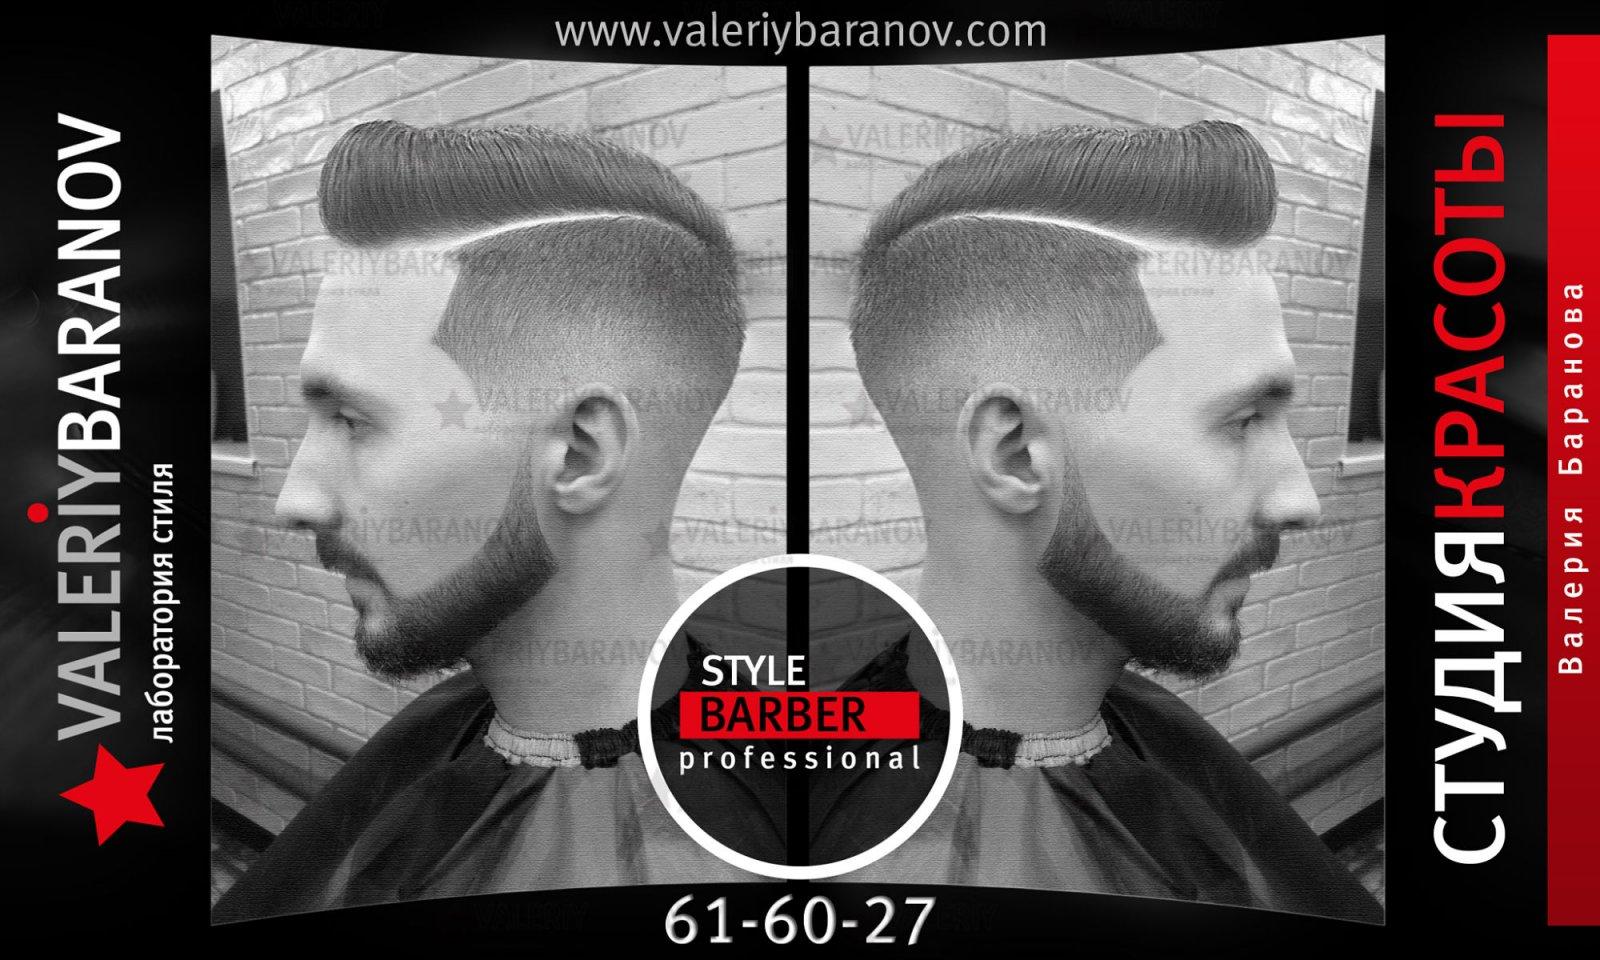 Лаборатория стиля Валерия Баранова: парикмахер стилист в Тольятти